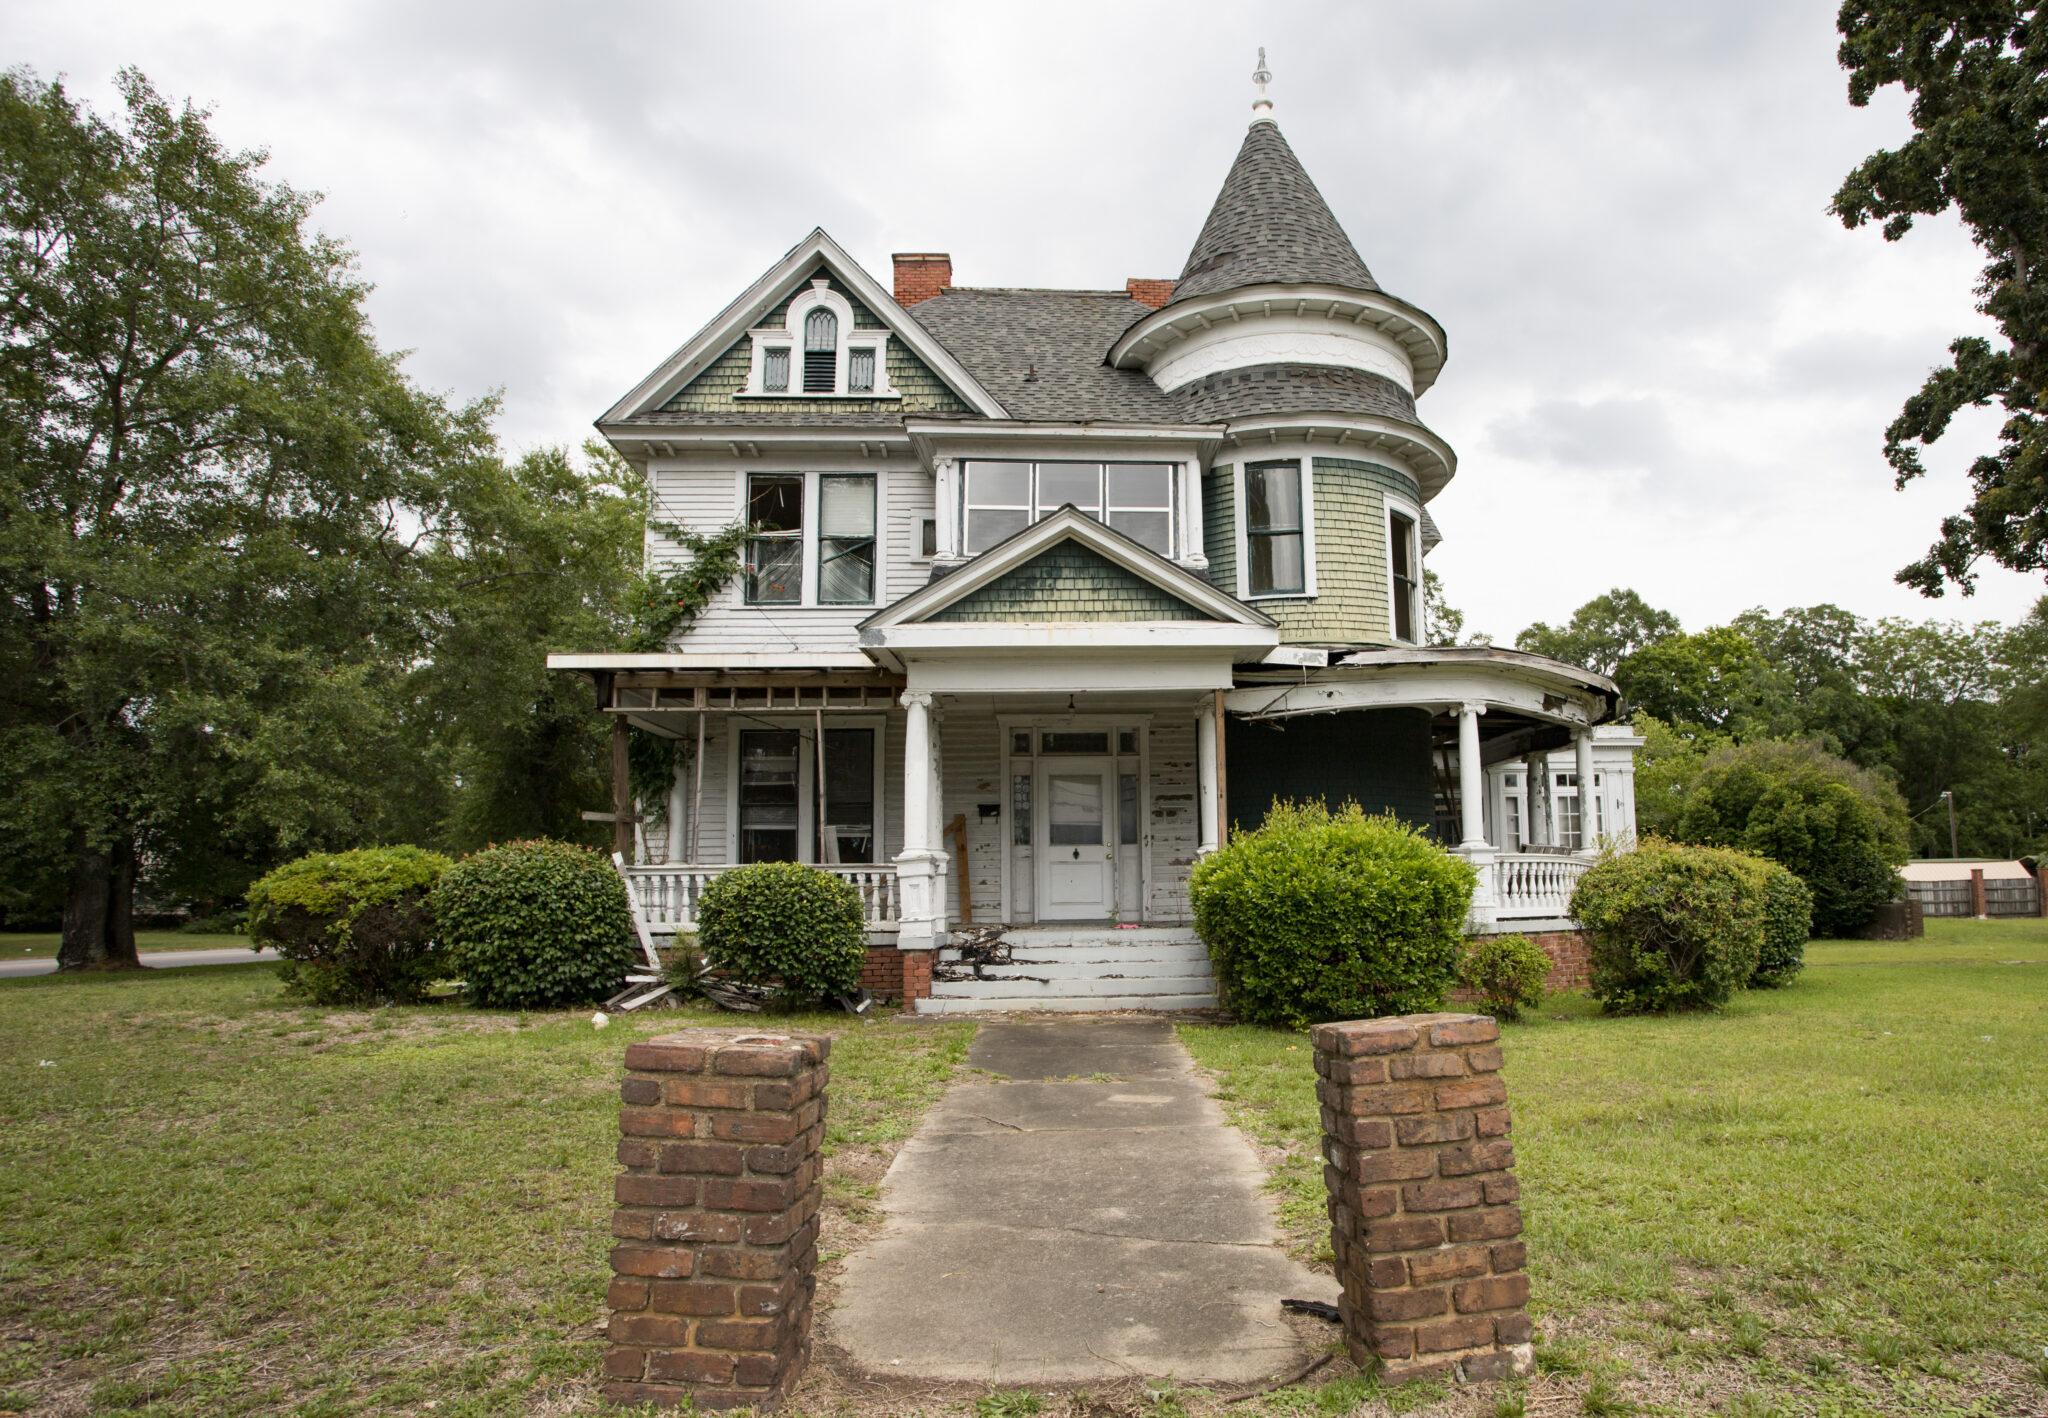 Leland Kent of Abandoned Southeast to publish new book, Abandoned Alabama, on Oct. 25